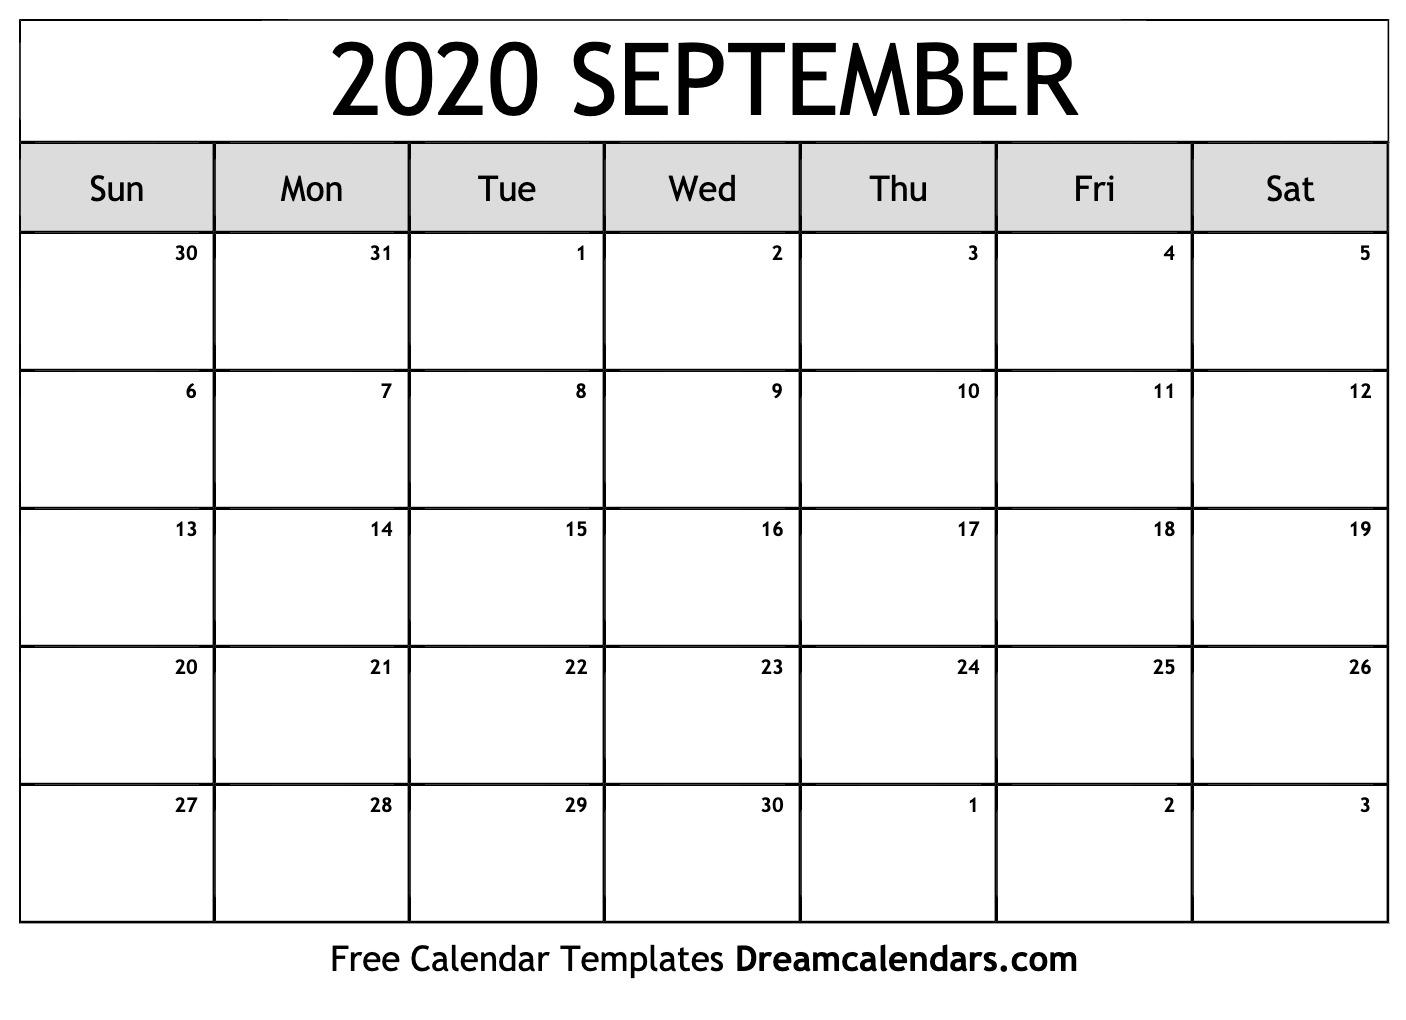 September 2020 Printable Calendar Dream Calendars 1406x1020